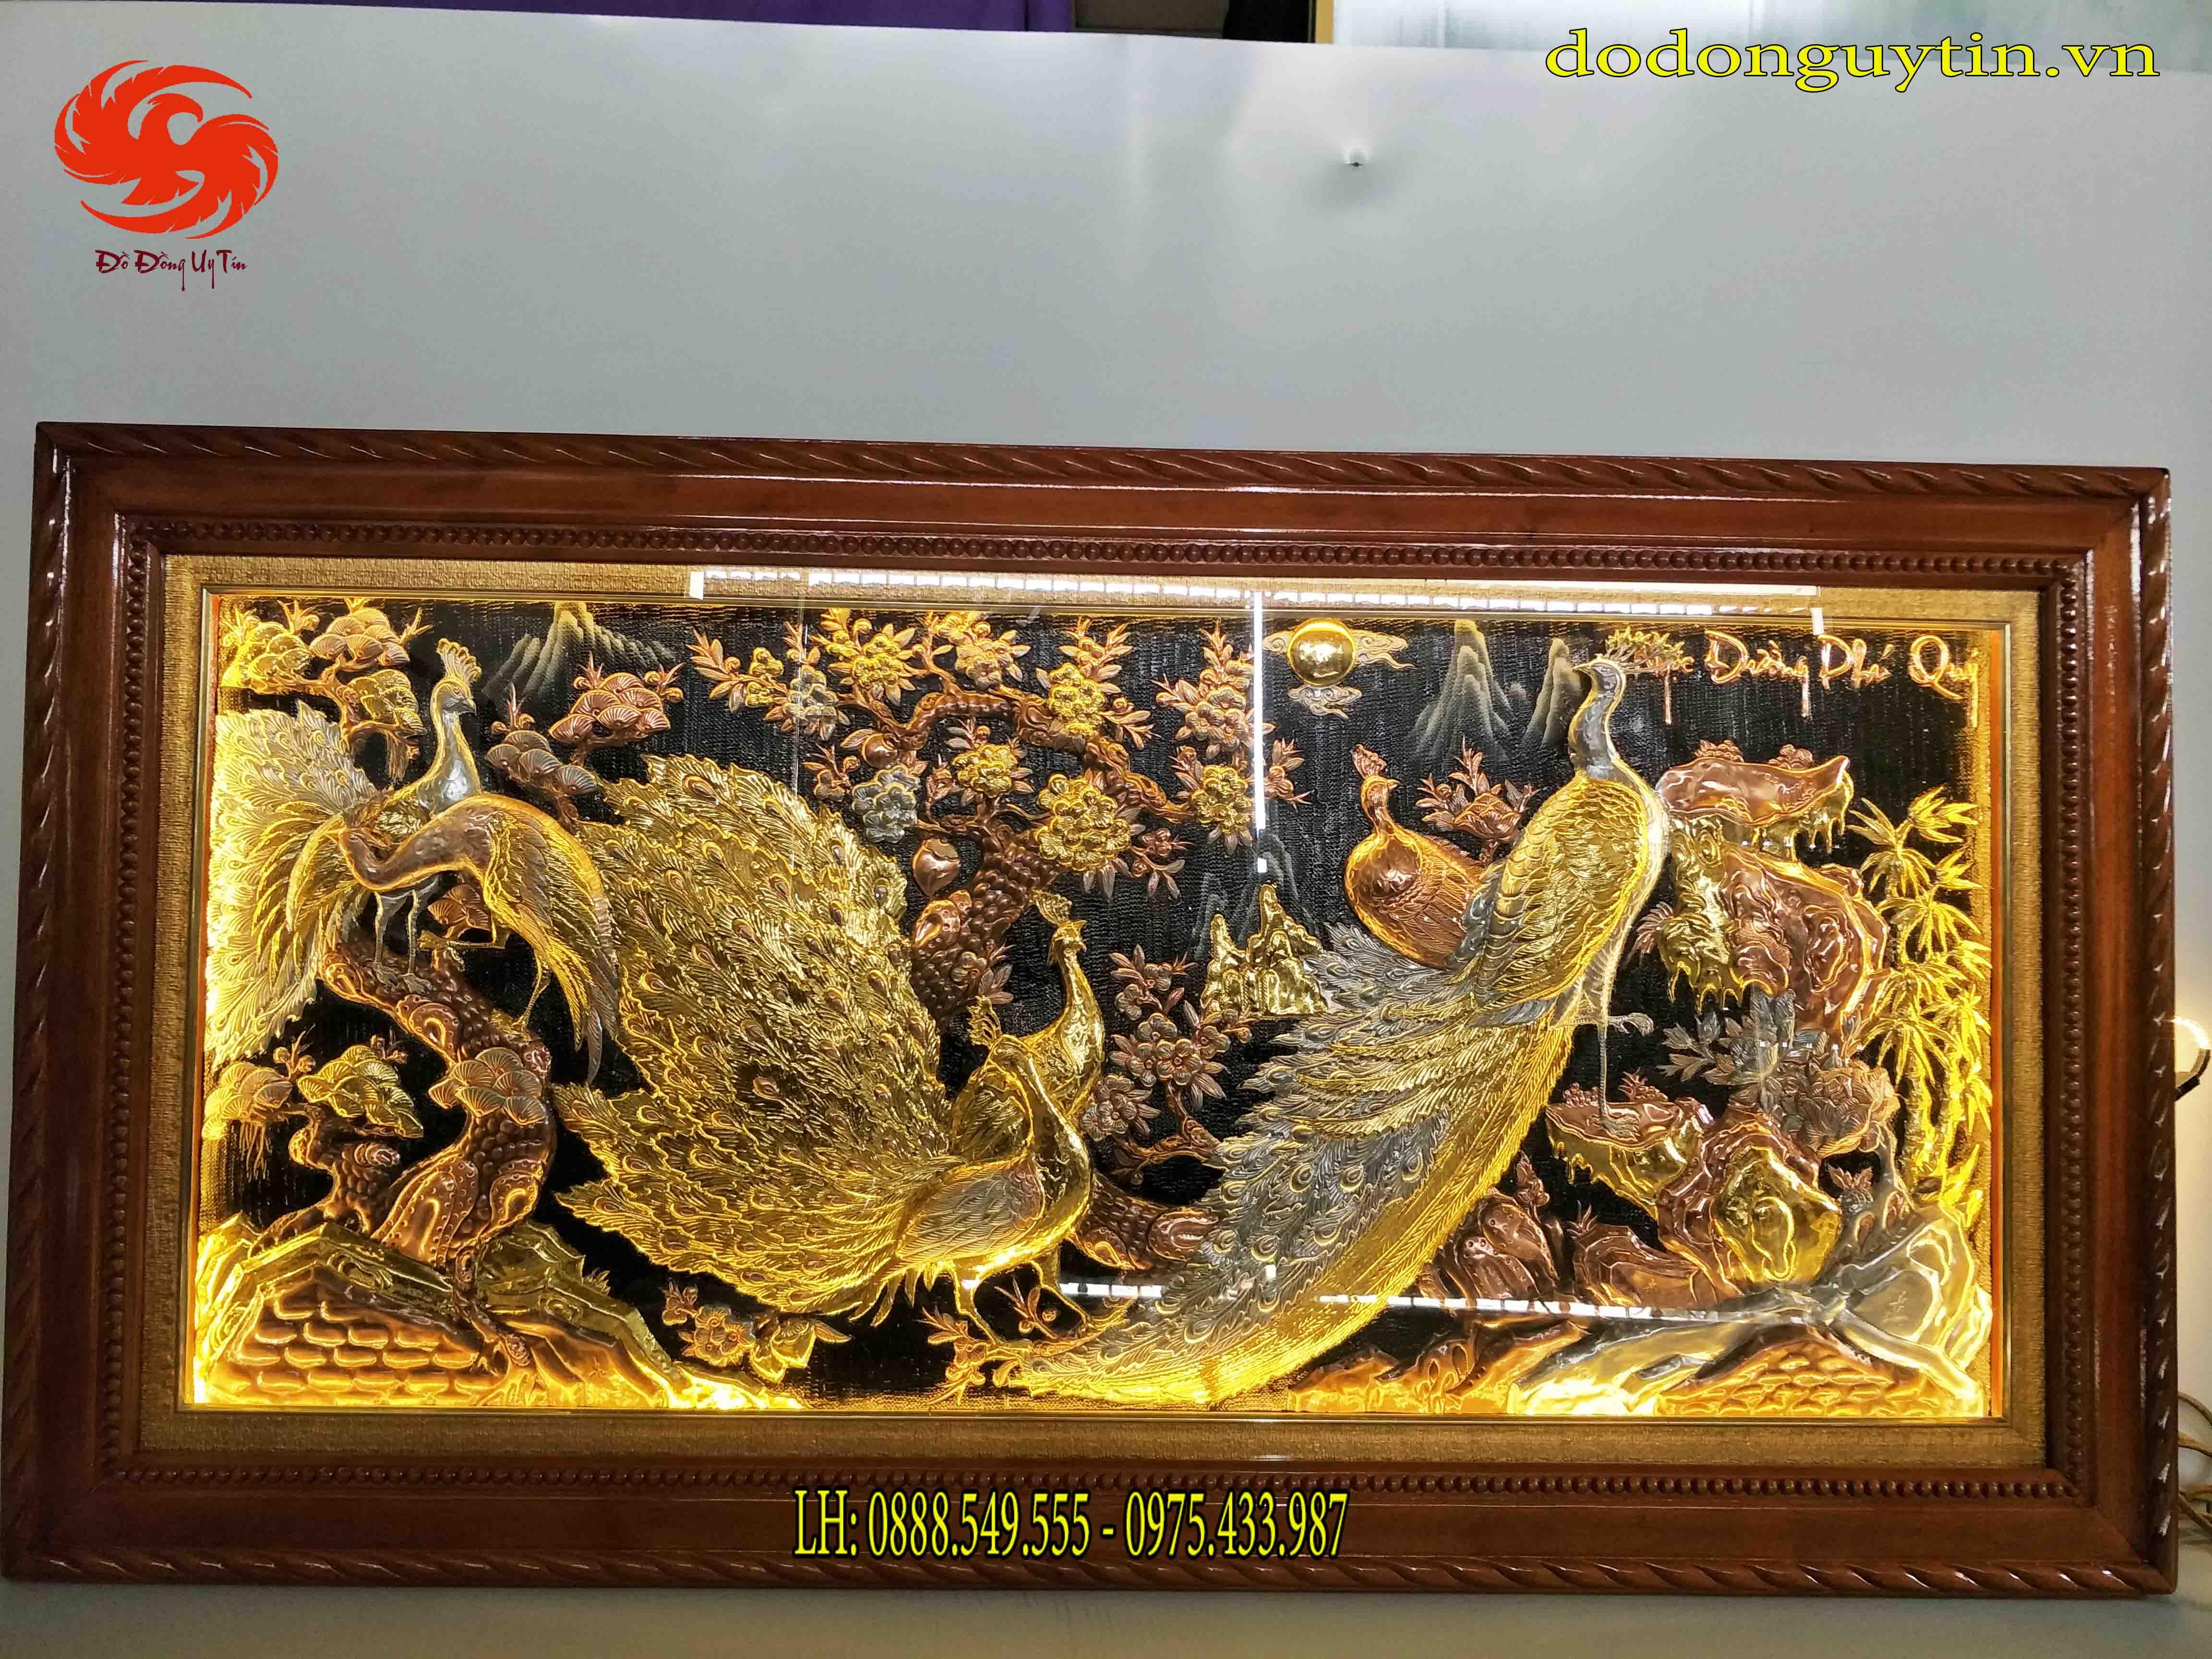 Tranh công mai 3D dát vàng - Đồ đồng Uy tín